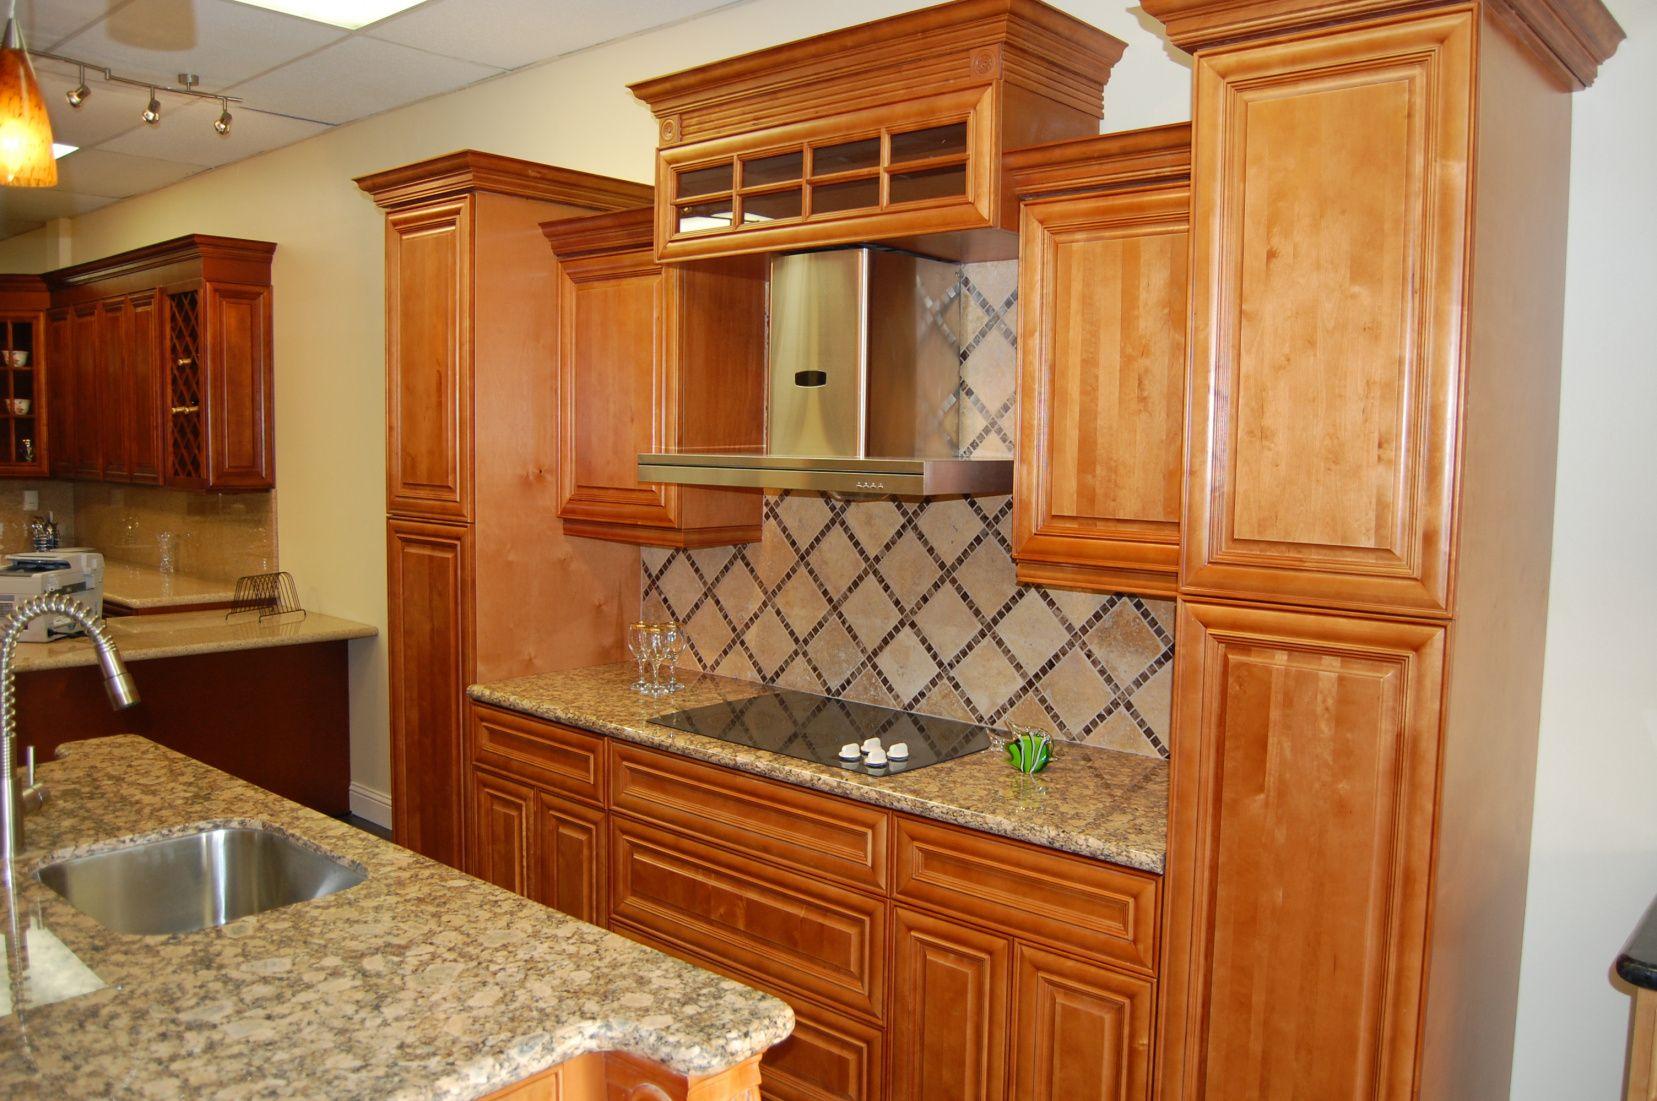 55 granite countertops pompano beach best kitchen cabinet ideas rh pinterest com Beach Theme Kitchen Beach Kitchen Signs